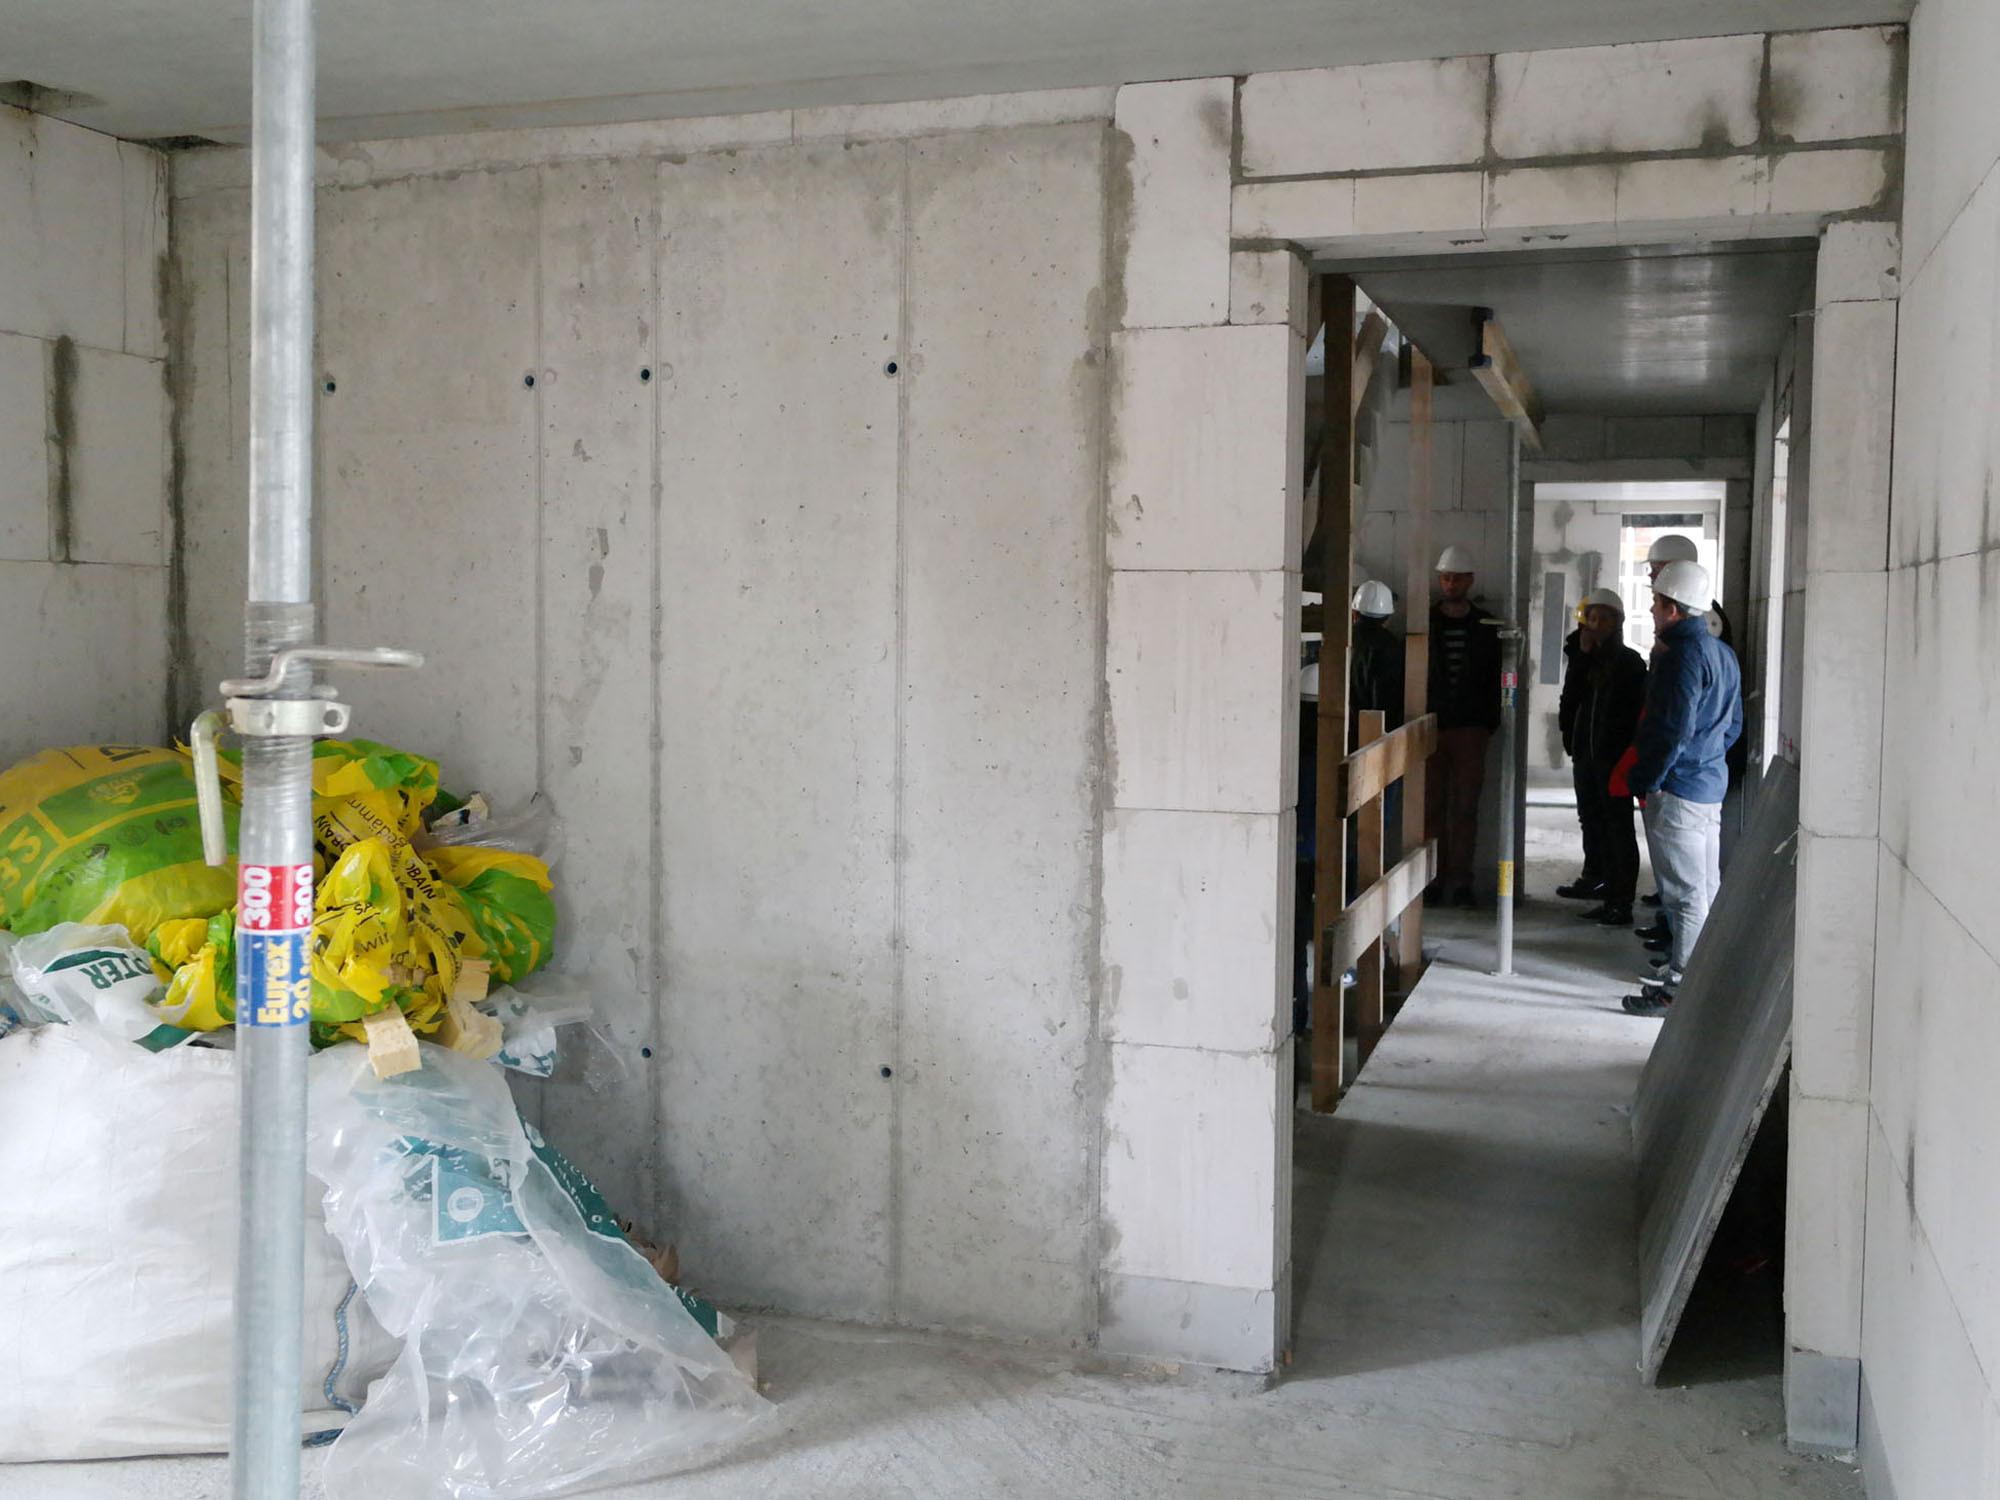 Delightful Mit Einer Einfachen Stahlbetonwand Eines Aufzugsschachtes Als Trennbauteil  Zu Einem Wohnraum Wird Nur Bei Leisen Aufzugsanlagen